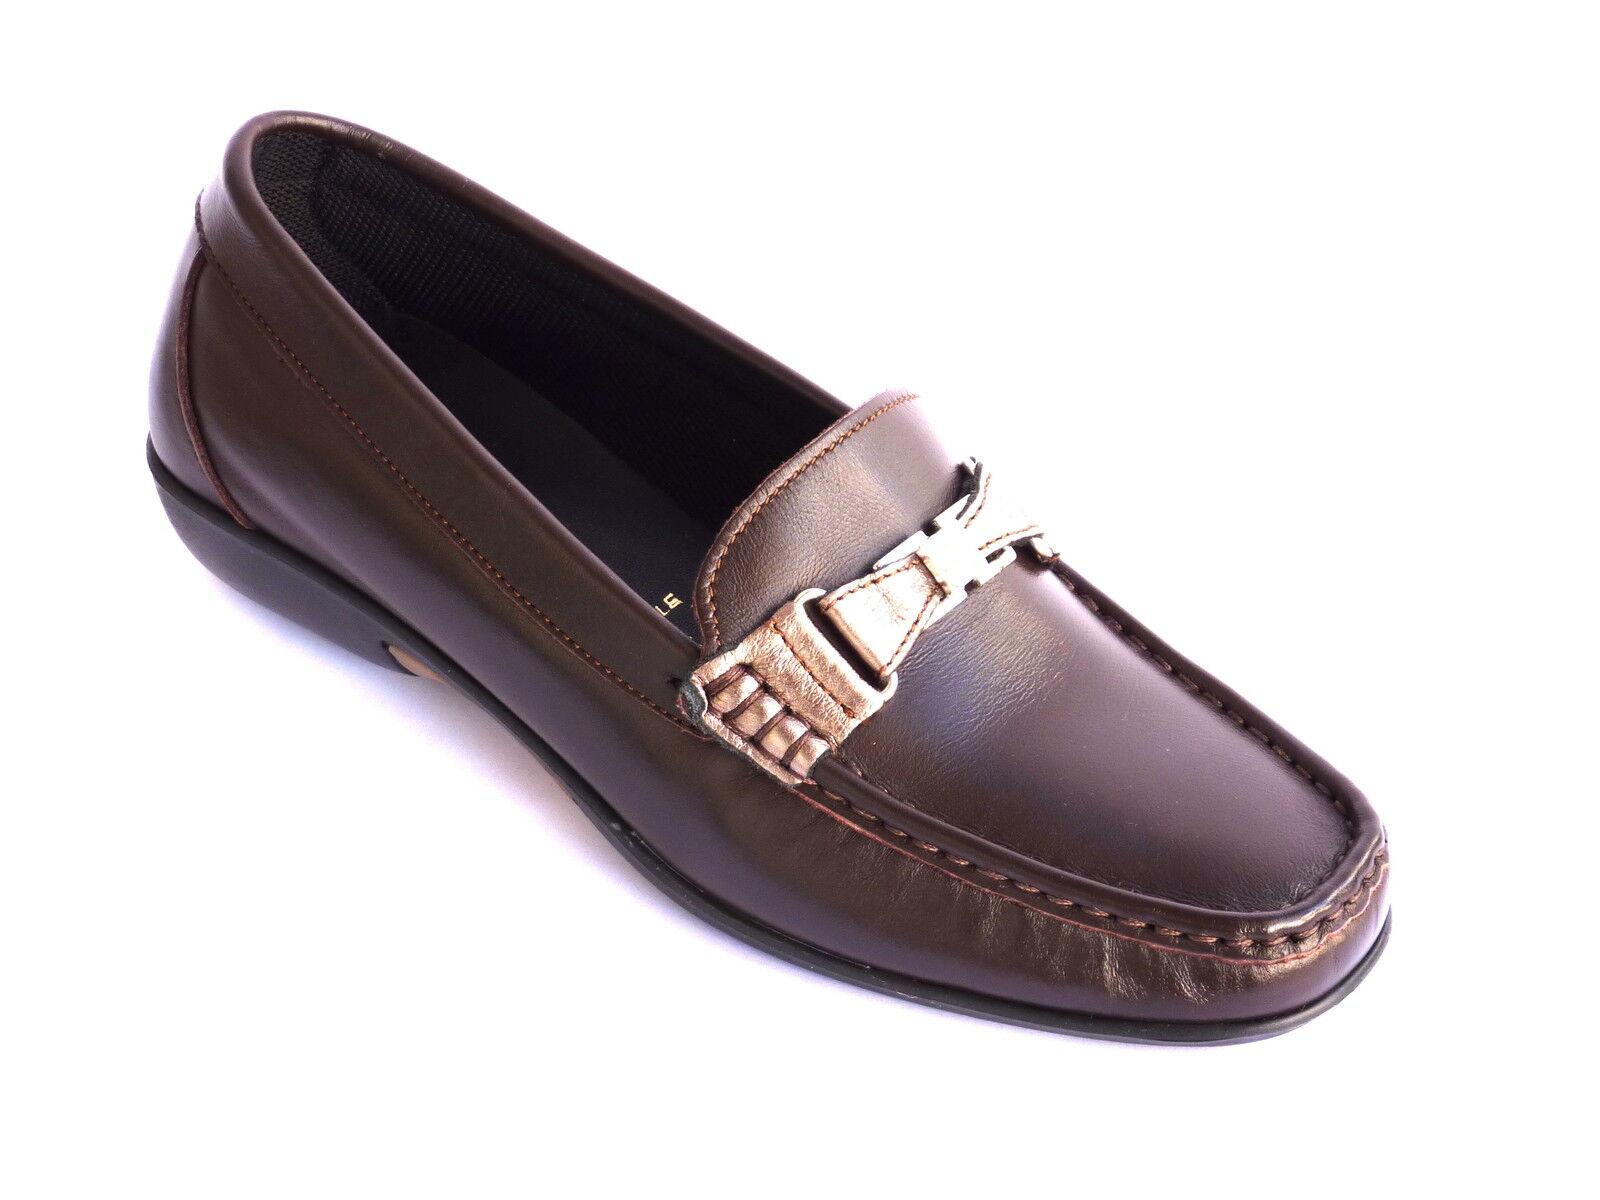 Unützer di 41 alta qualità Pelle Schnürschuh Sneaker COGNAC TG. 41 di 1/2 Top bi117 0b03cd